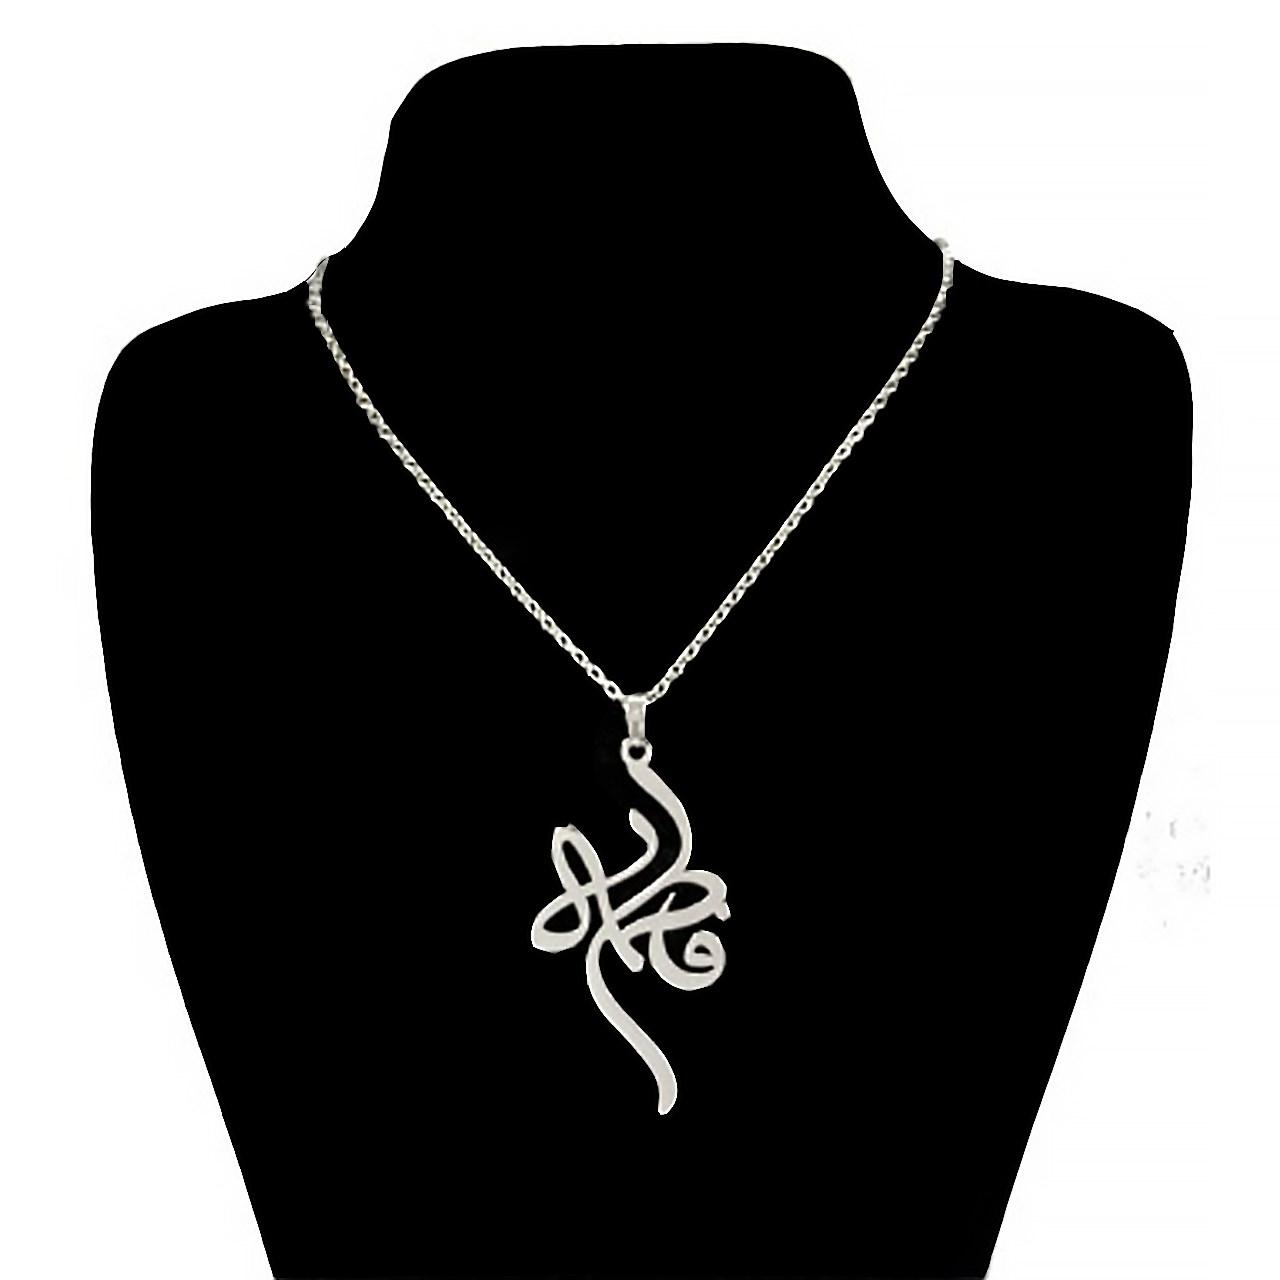 عکس گردنبند نقره ترمه مدل اسم فاطمه Termeh